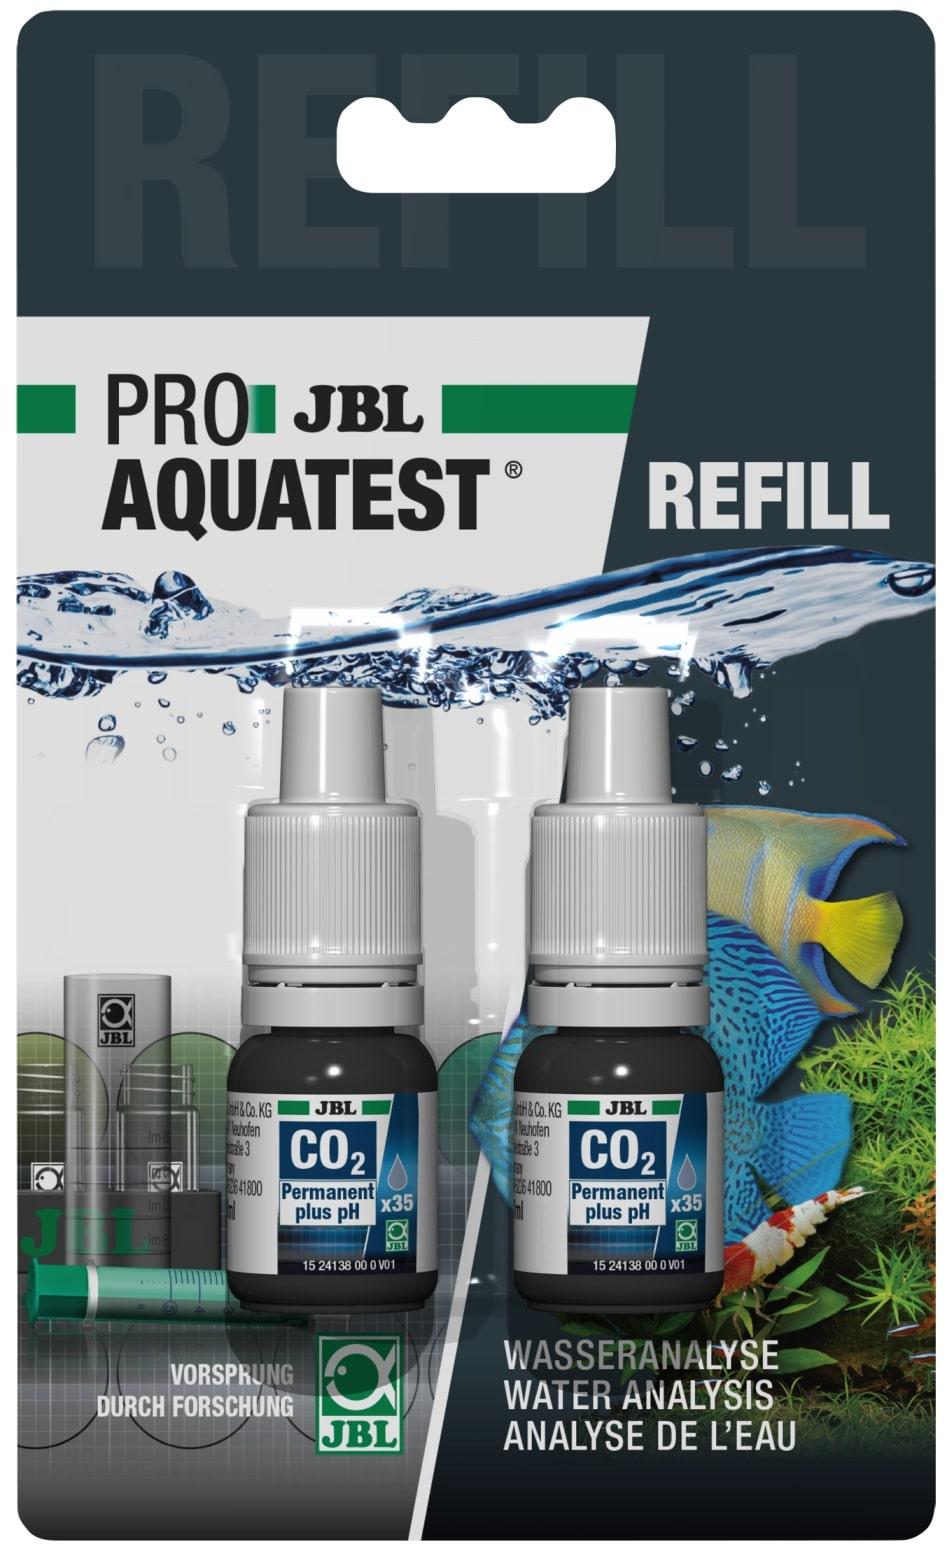 JBL Recharge ProAquaTest CO2/pH Permanent pour nouveau et ancien kit de test